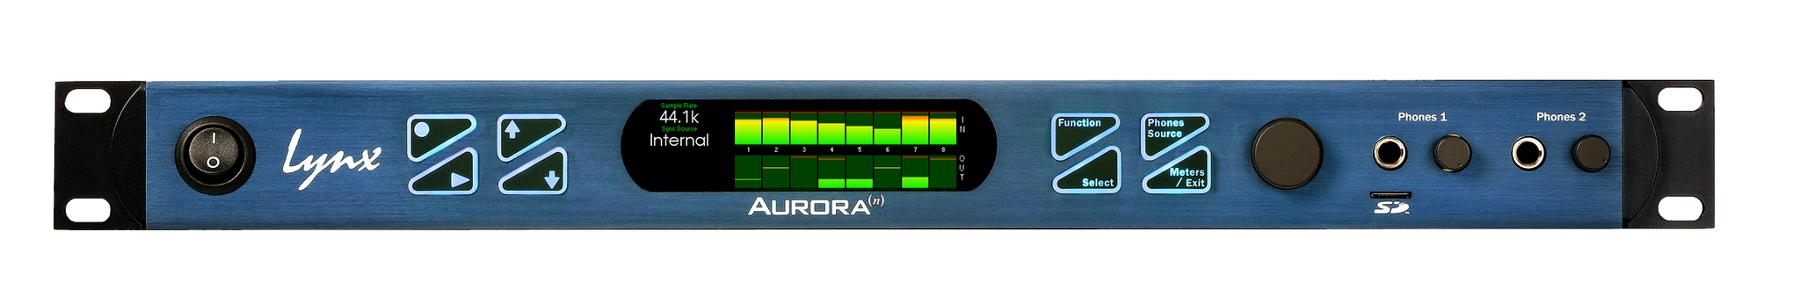 32-channel 24-bit / 192 kHz A/D D/A Converter System [Dante]